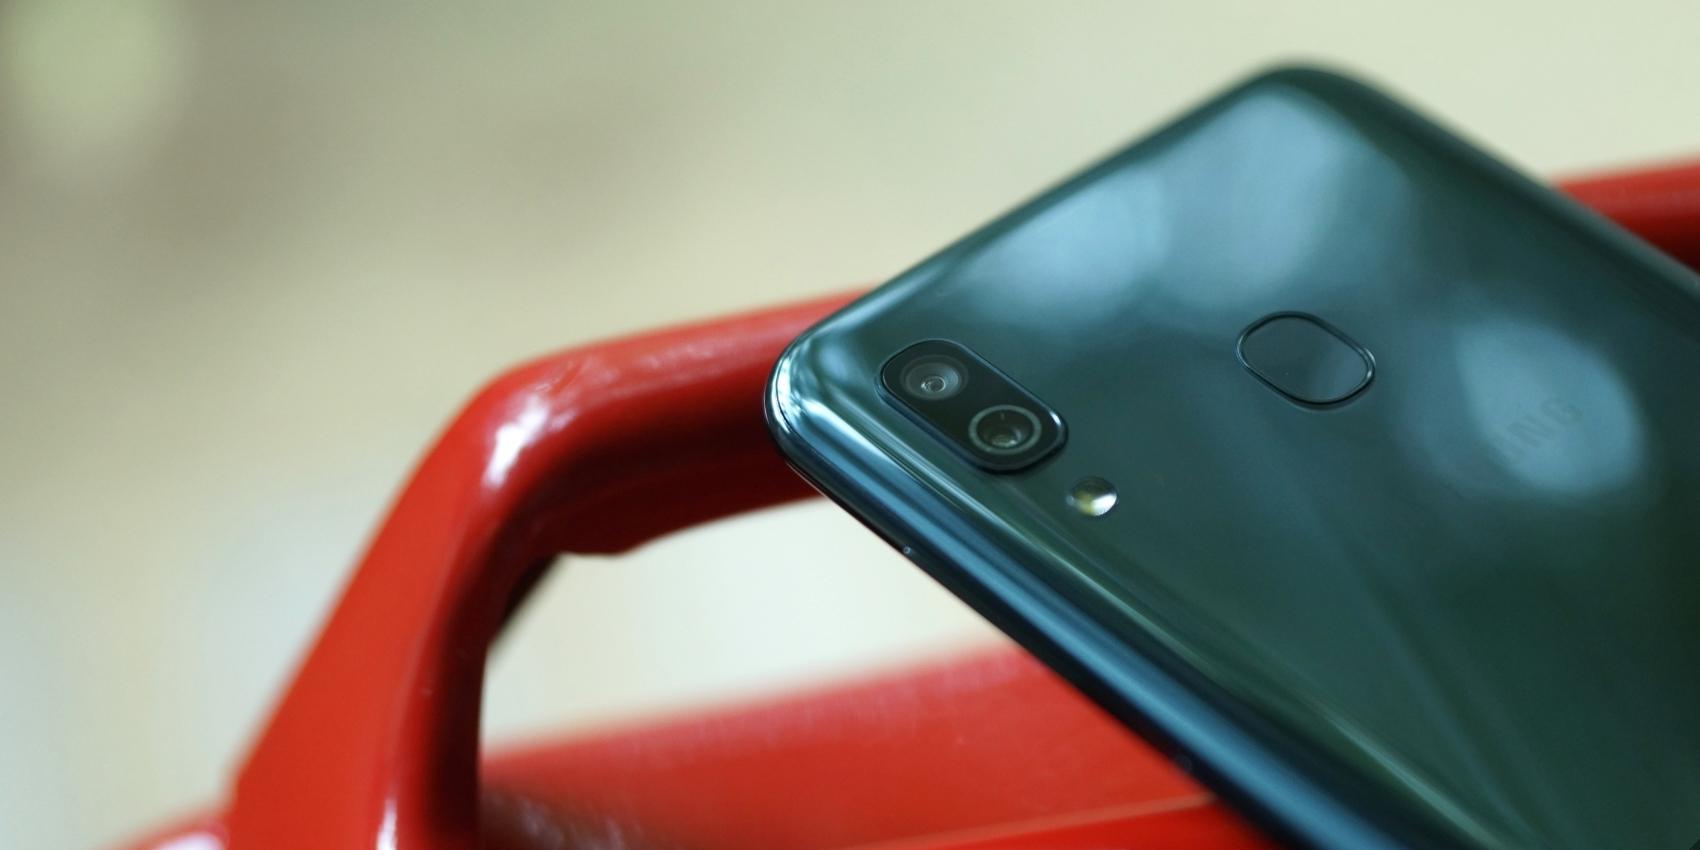 64712129a688f Samsung представила Galaxy A40 — компактный и недорогой смартфон с NFC и  Android 9.0 - Лайфхакер